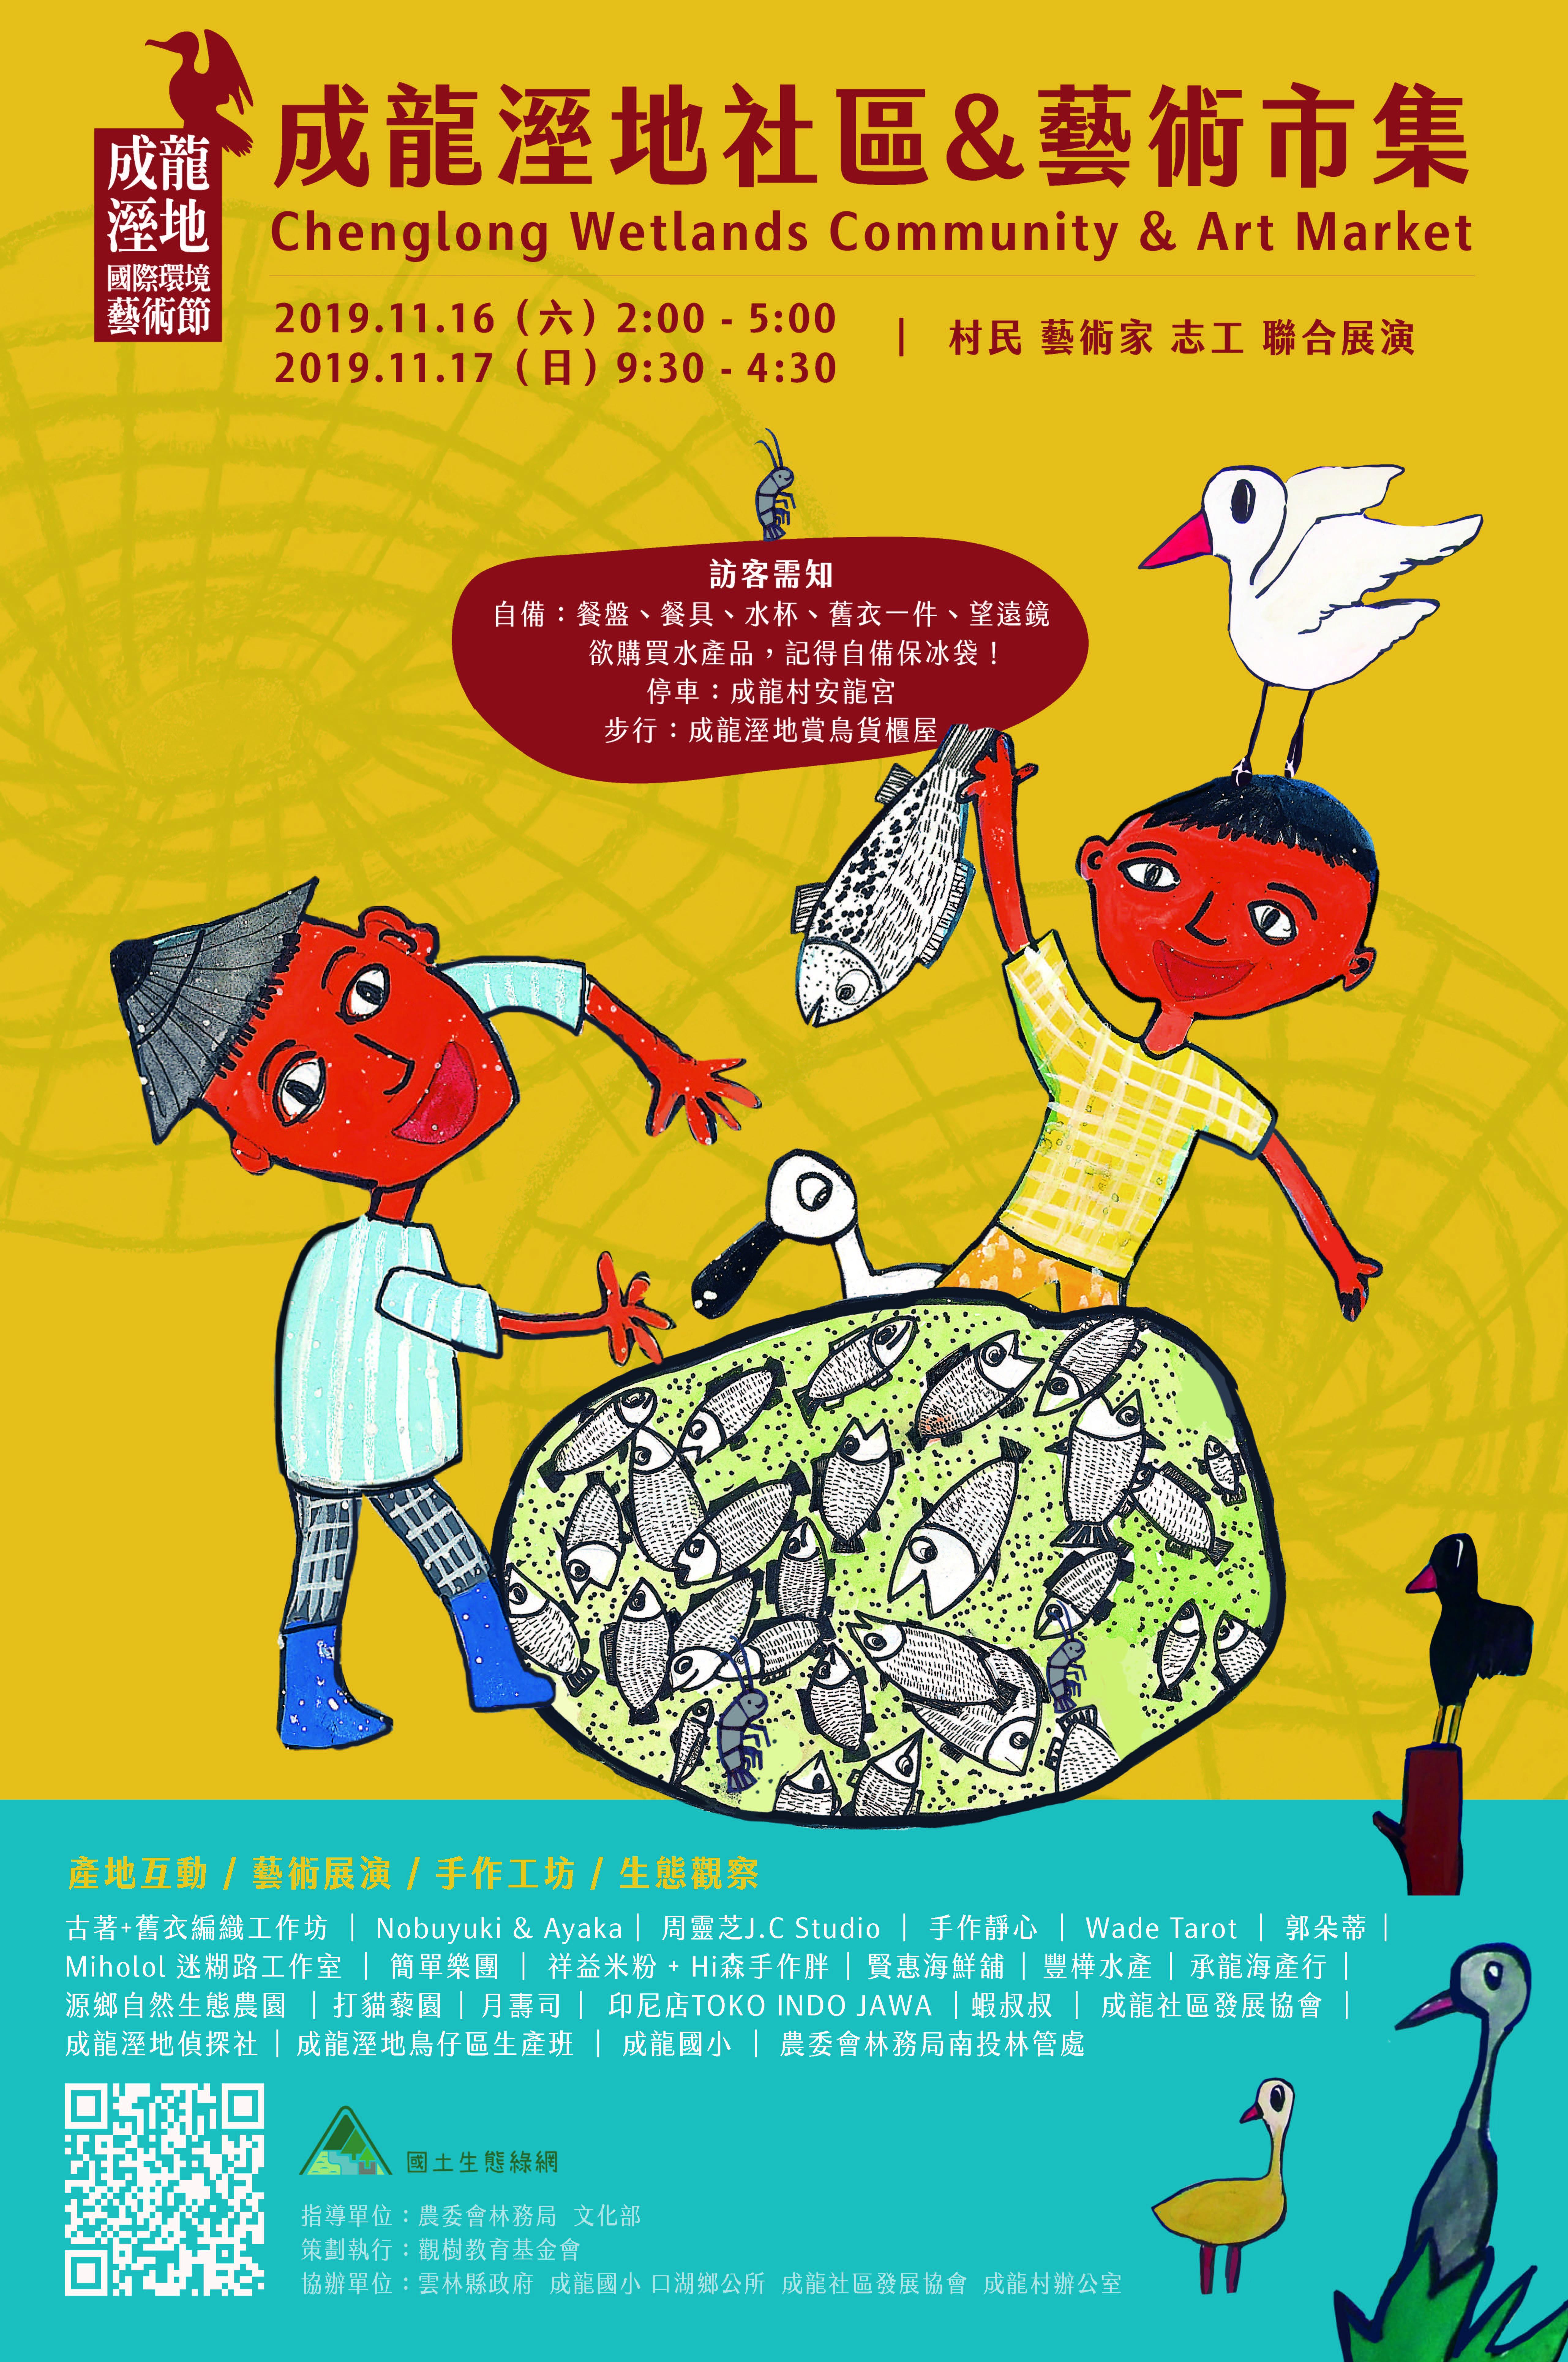 成龍溼地社區藝術市集 村民、藝術家、候鳥聯合展演!